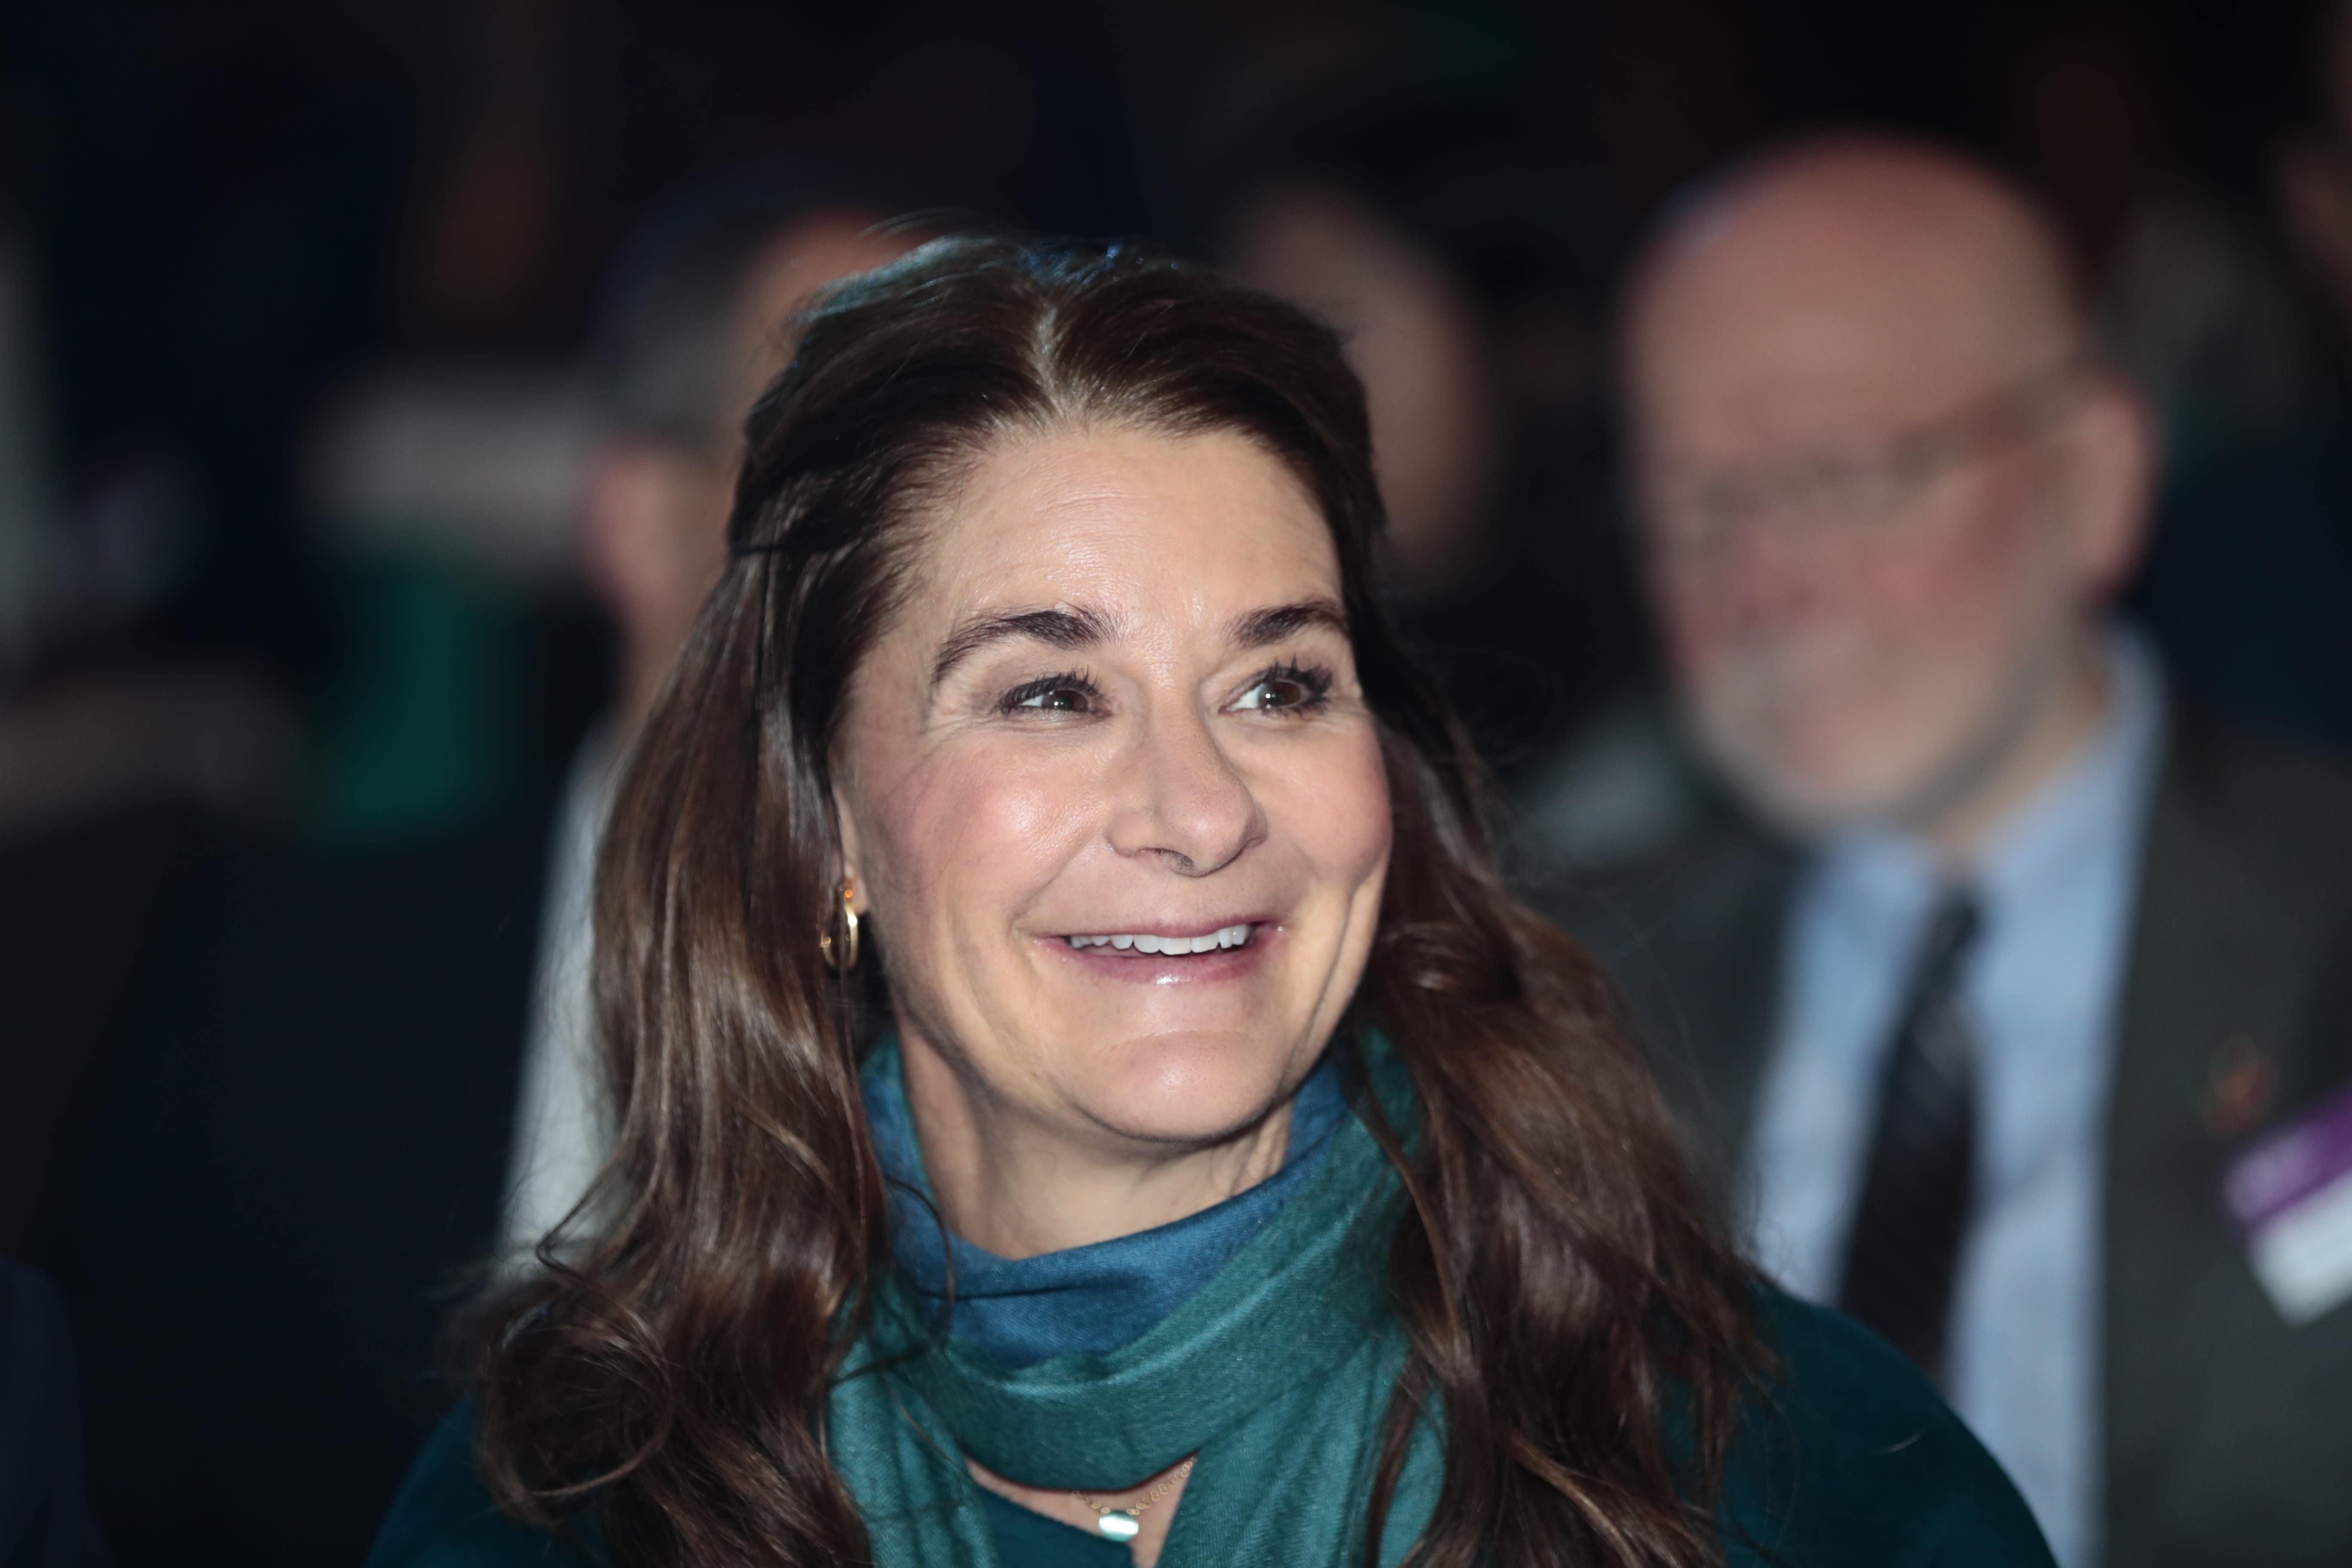 menjadi diri sendiri, nasehat Melinda Gates untuk para perempuan muda di dunia.